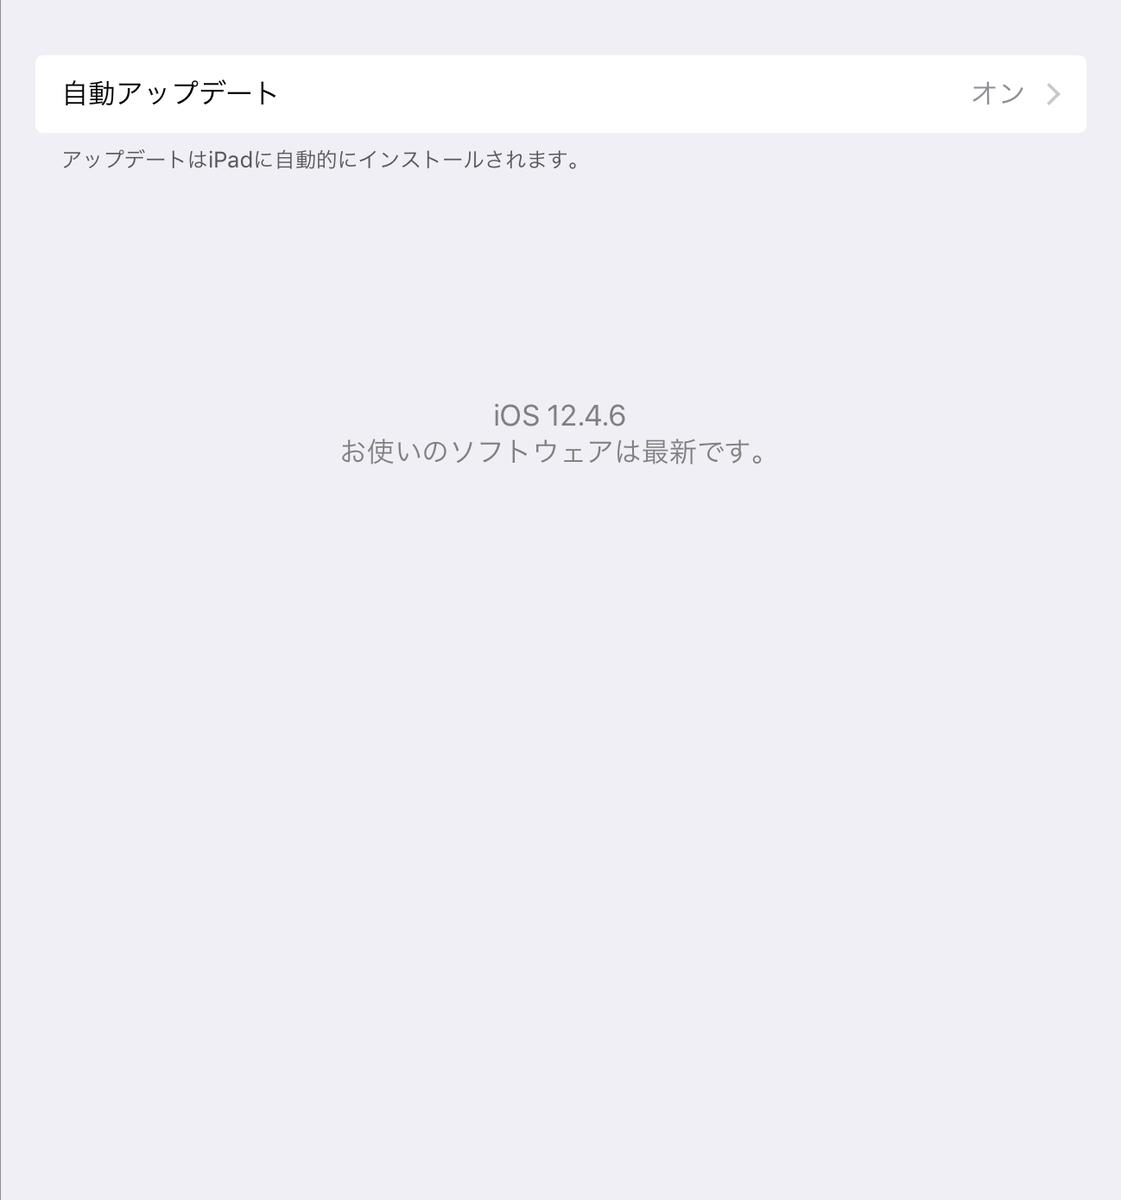 f:id:taka76:20200509203858j:plain